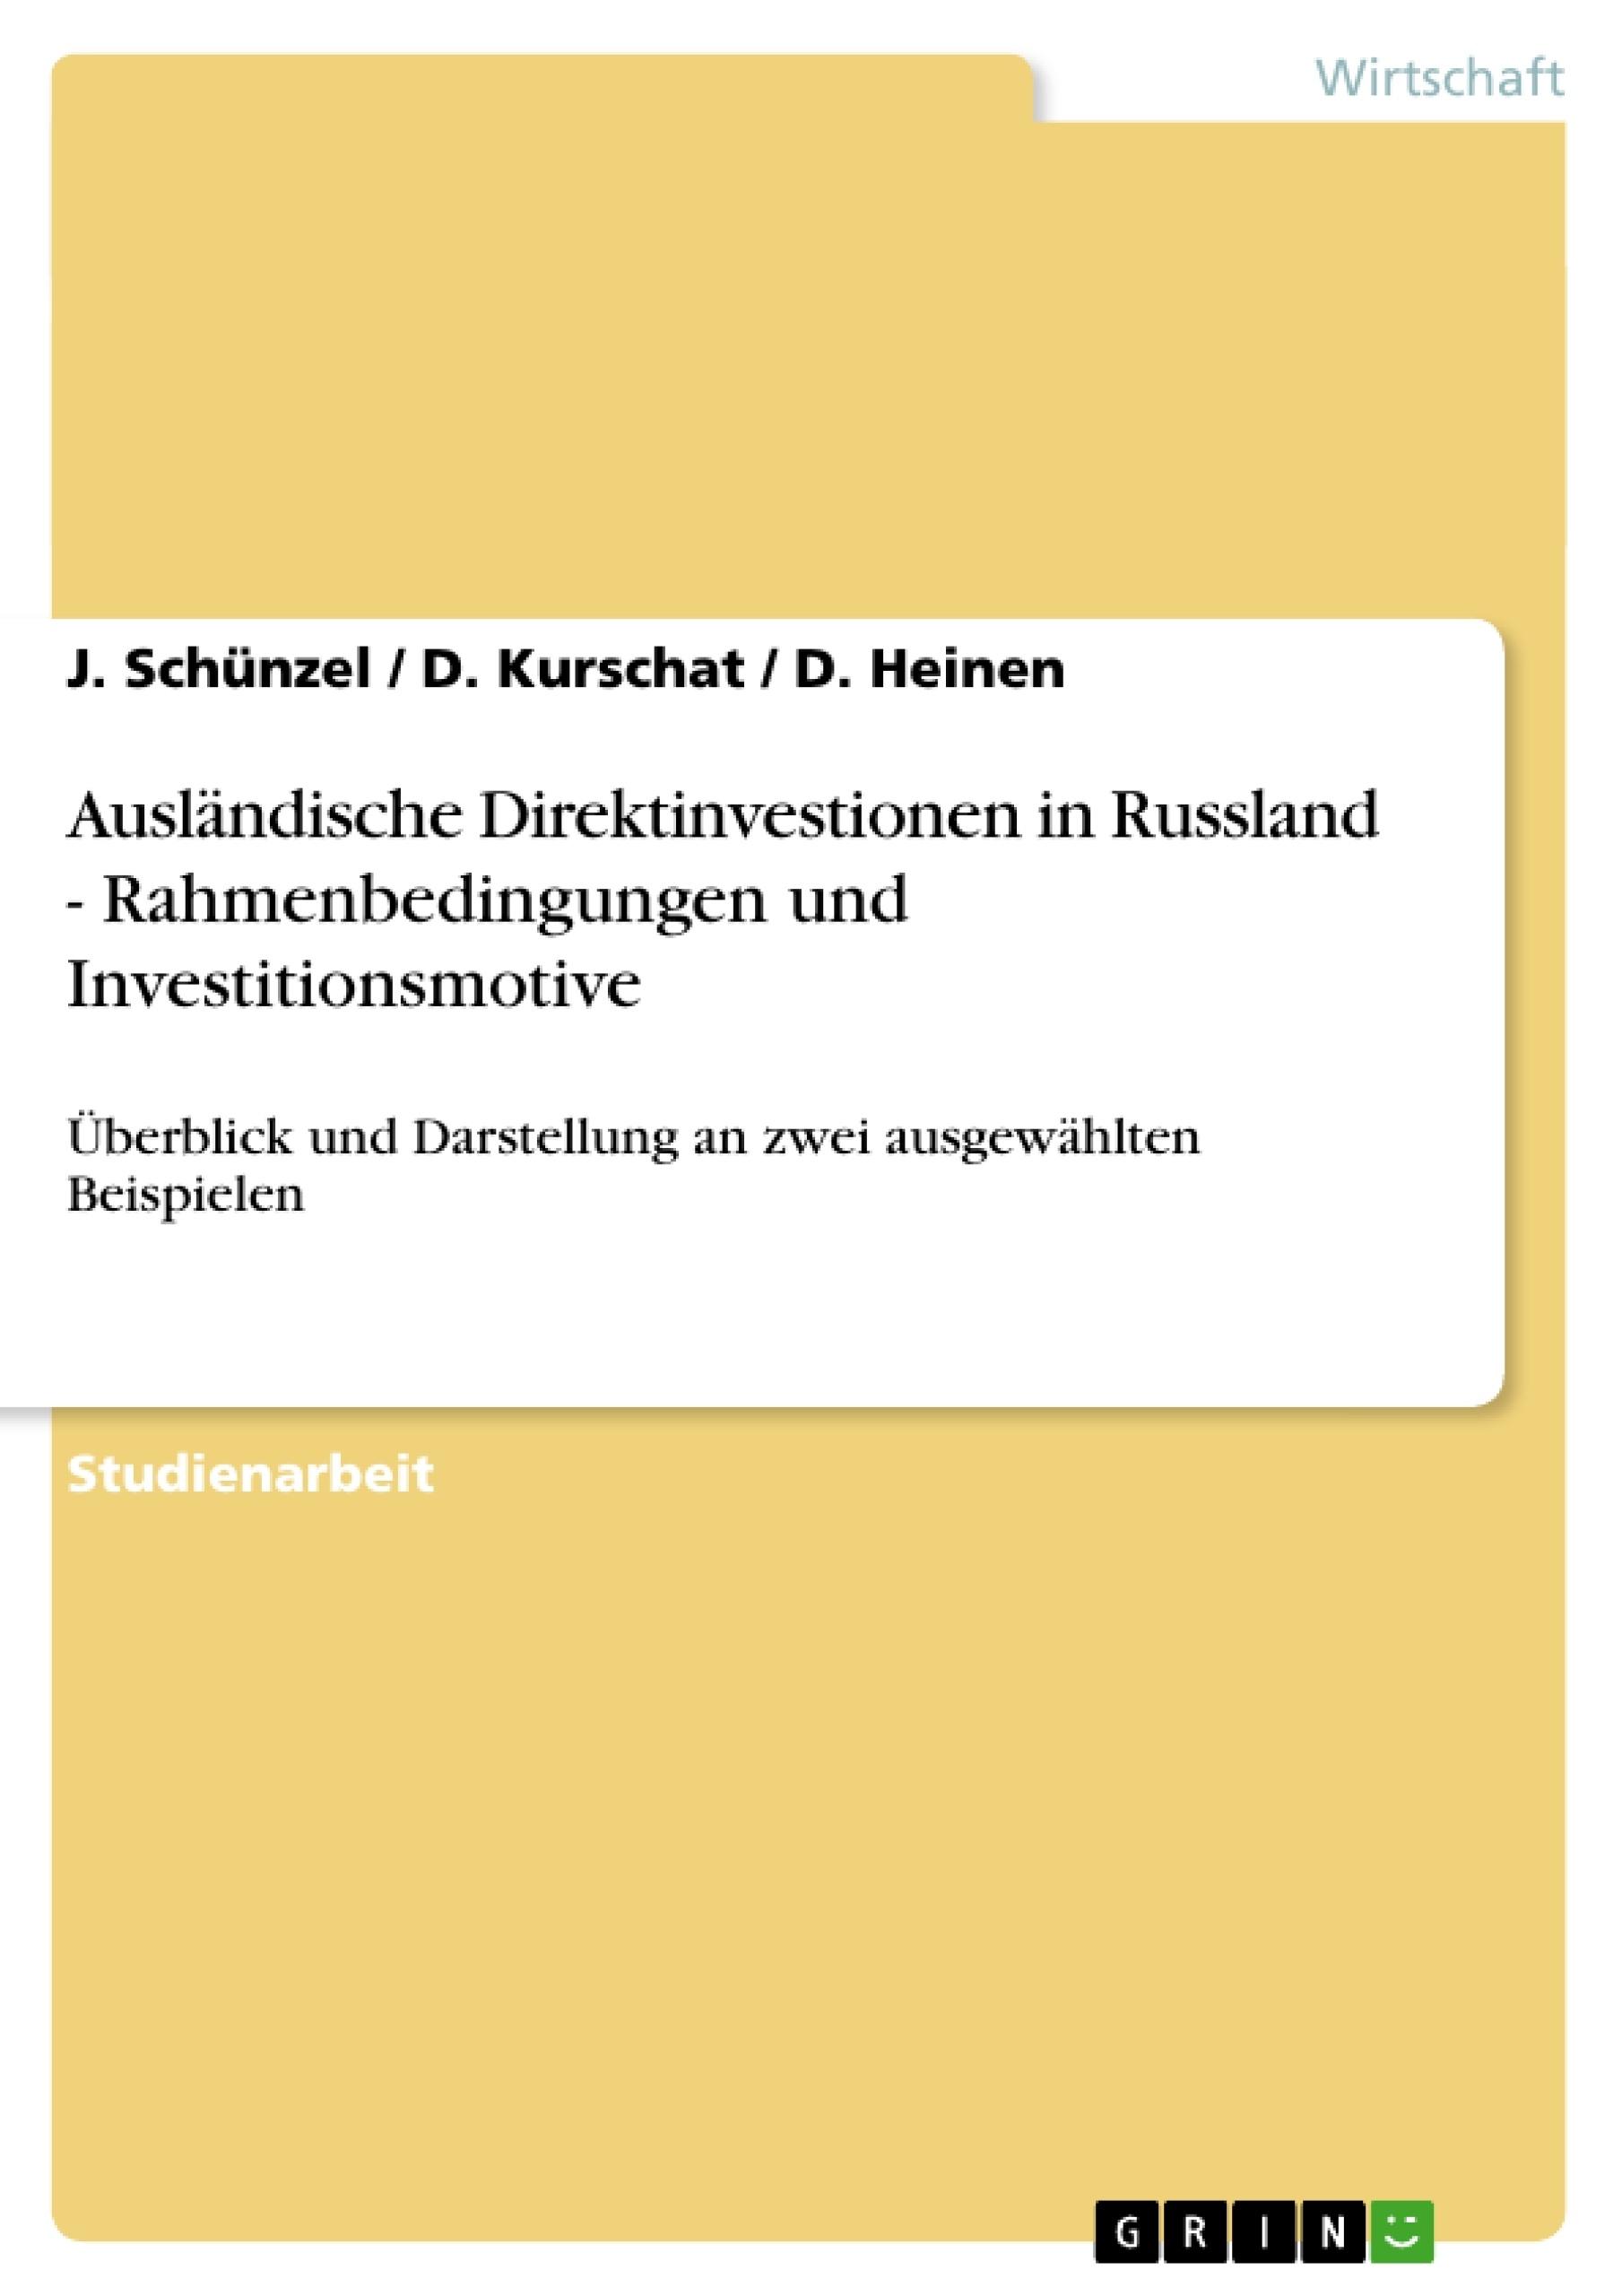 Titel: Ausländische Direktinvestionen in Russland - Rahmenbedingungen und Investitionsmotive